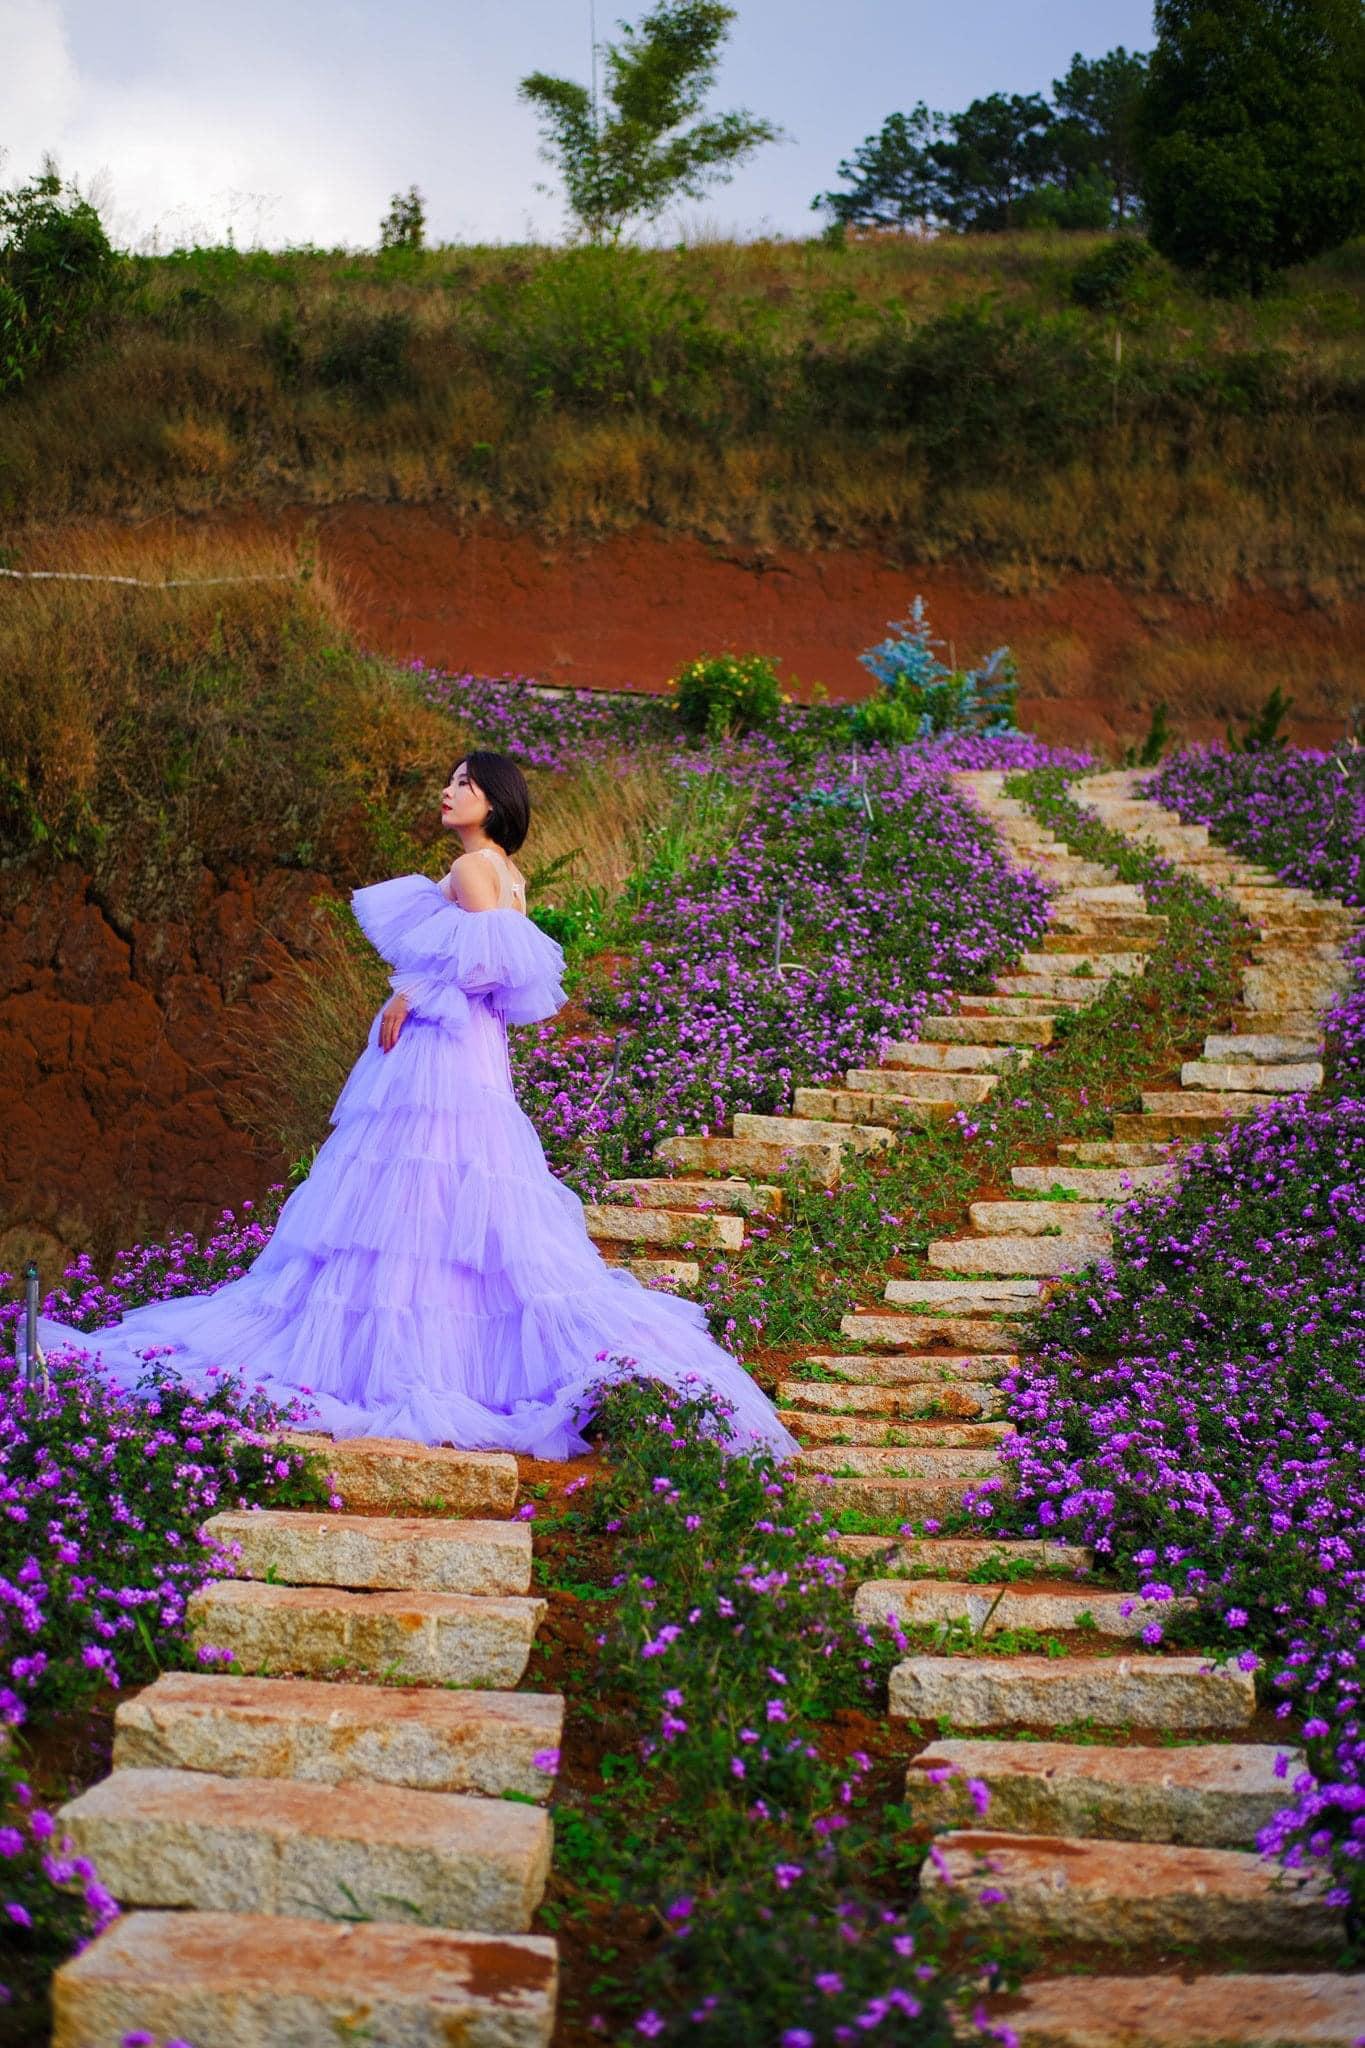 Check-in Vườn hoa lavender Túi Thương Nhớ, điểm đến 'mới toanh' tại Đà Lạt  - Ảnh 8.